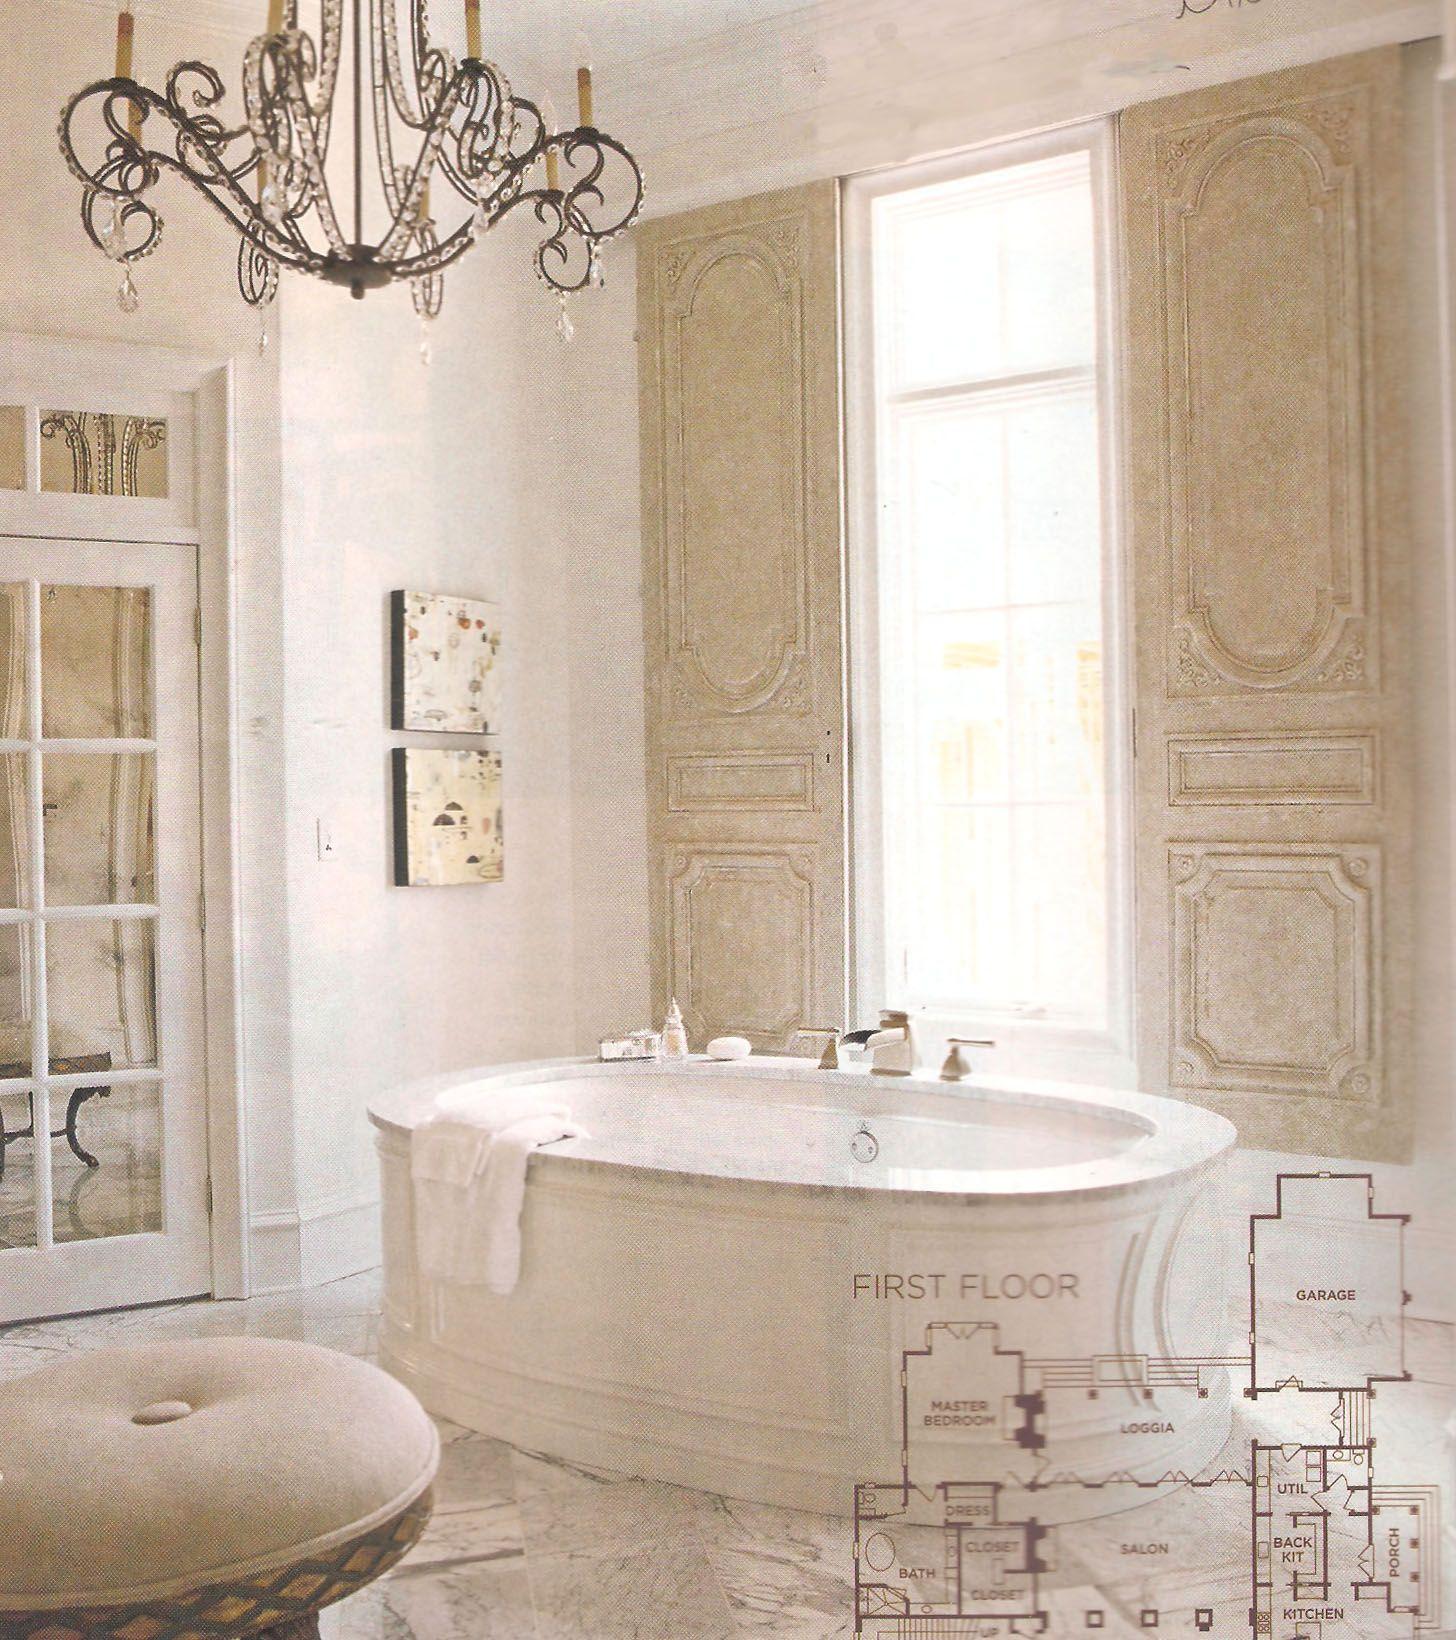 Kleine Badezimmer Fenster Behandlungen Badezimmer Fenster Ideen Fur Die Privatsphare Fenst Badezimmer Ohne Fenster Glamouroses Badezimmer Fenster In Der Dusche